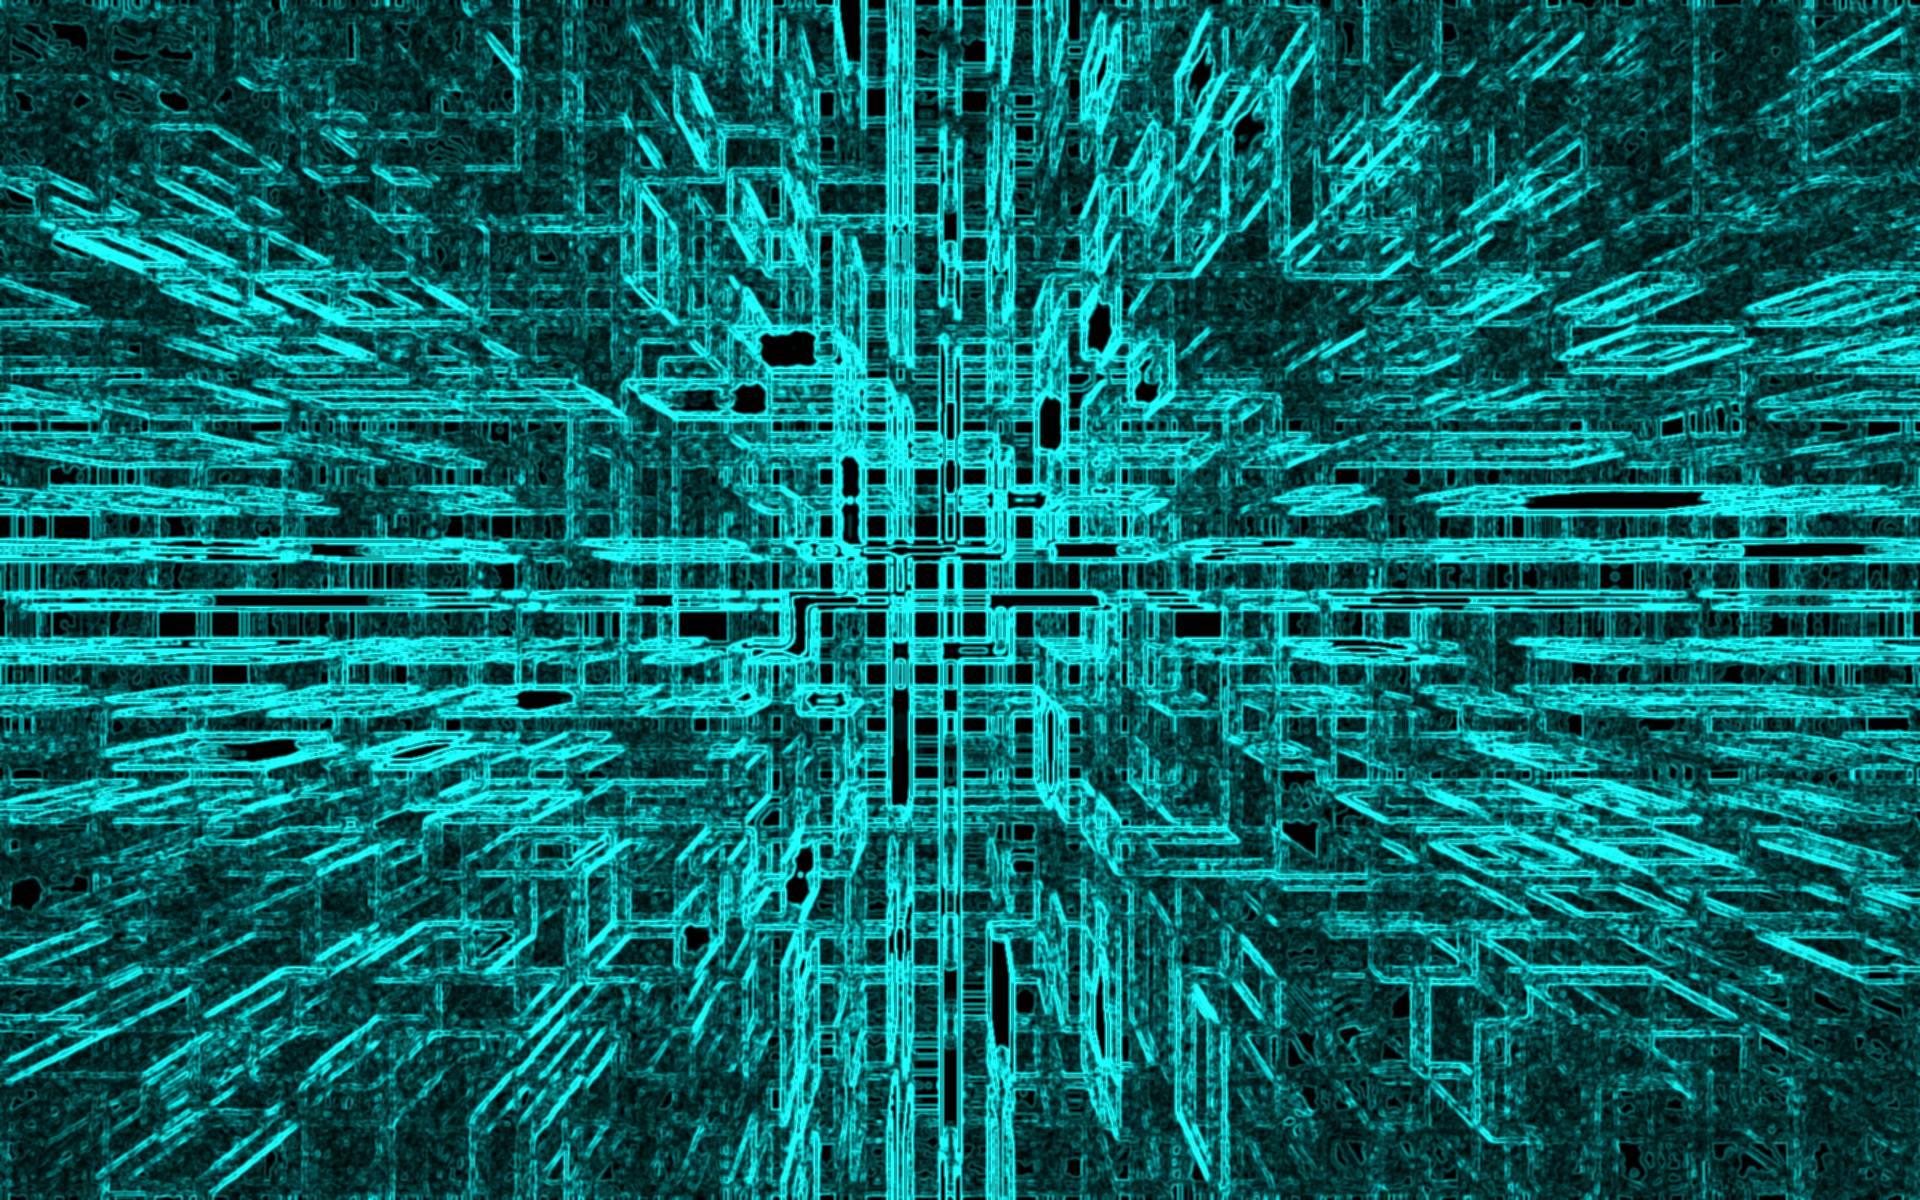 Futuristic Desktop Wallpapers Wallpaper Cave HD Wallpapers Download Free Images Wallpaper [1000image.com]